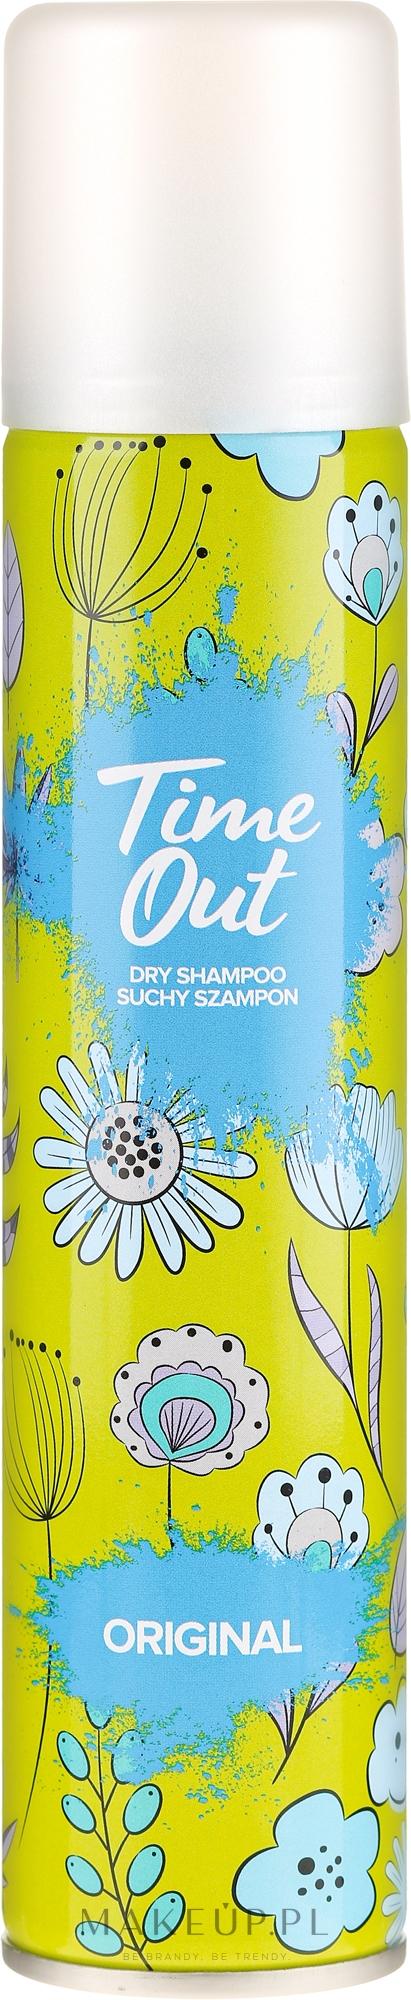 Suchy szampon do włosów - Time Out Original — фото 200 ml